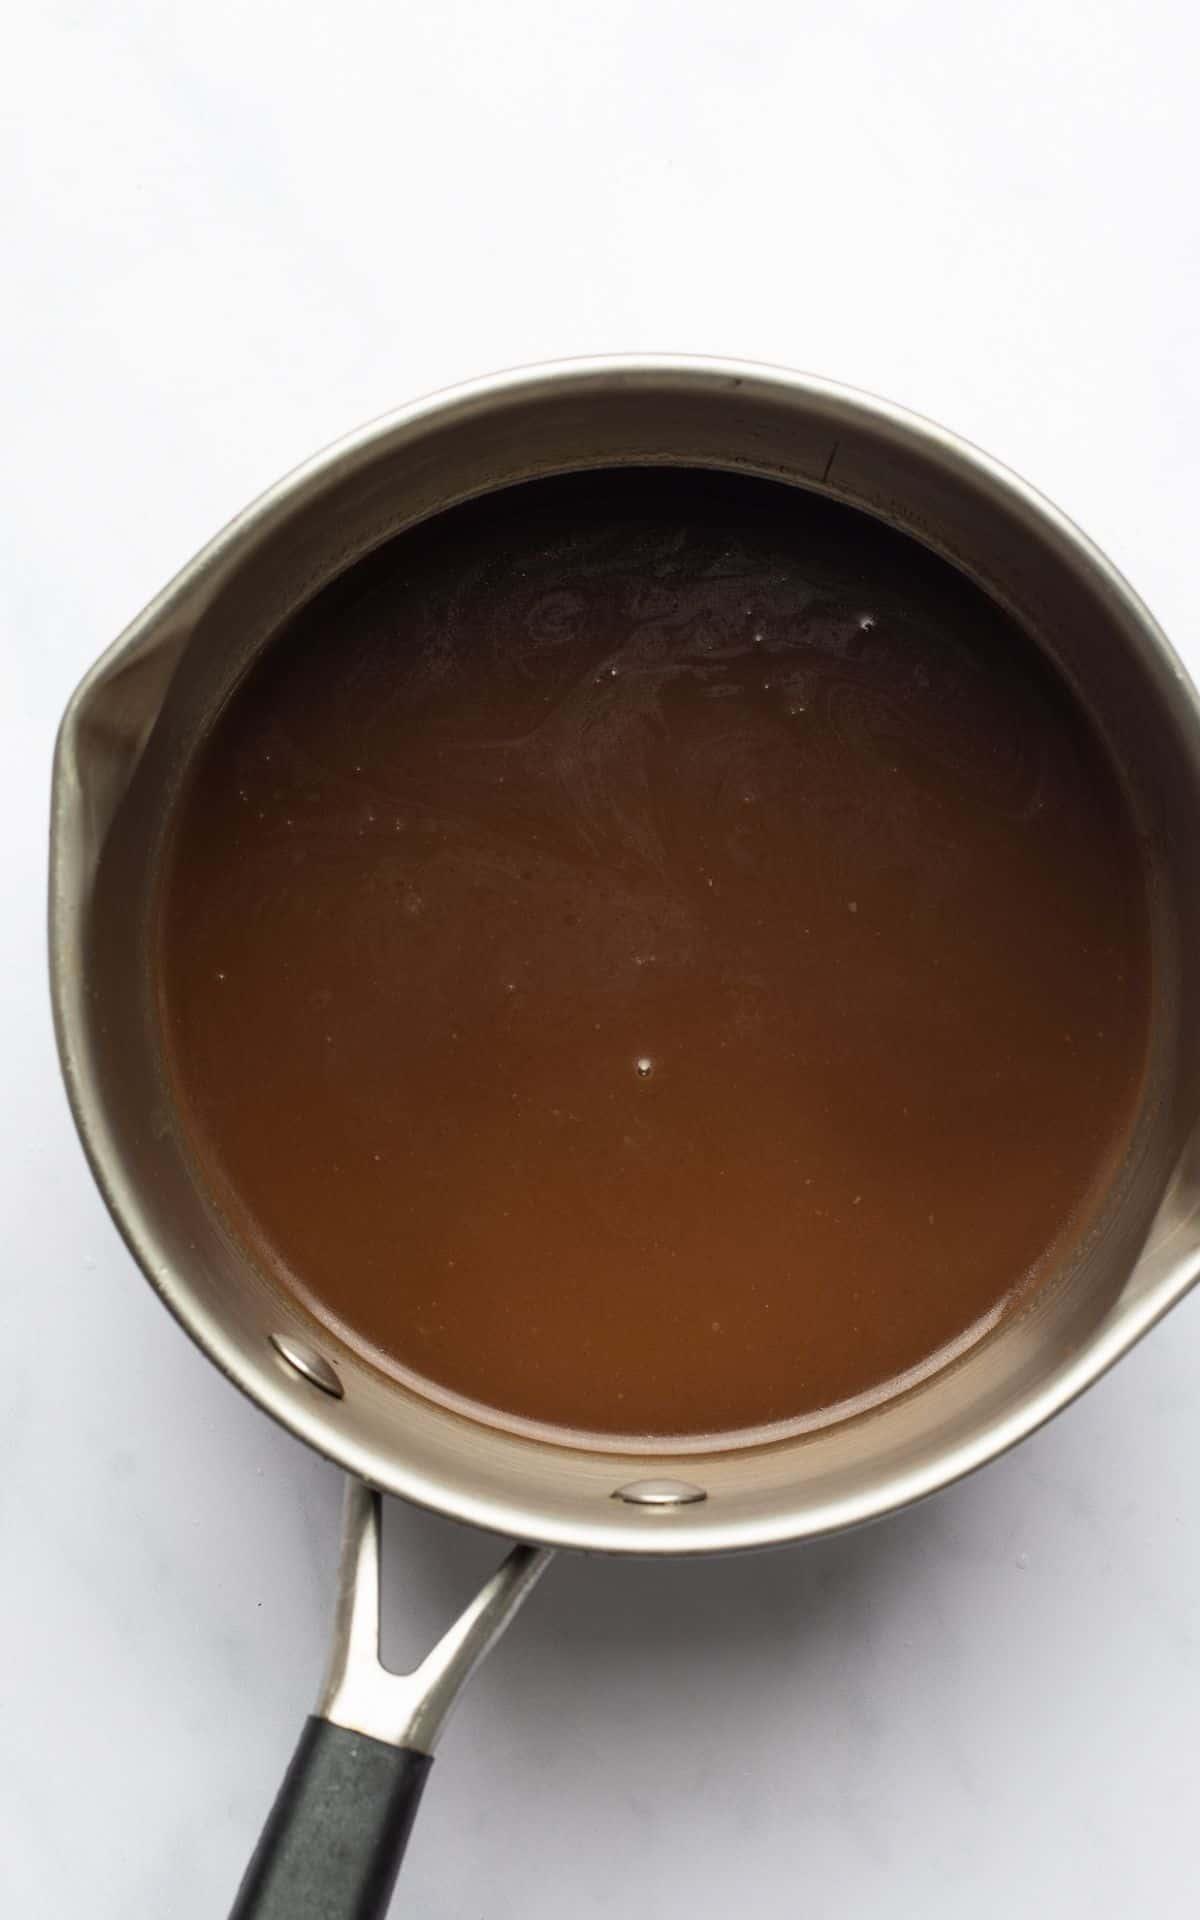 pot of homemade mushroom gravy